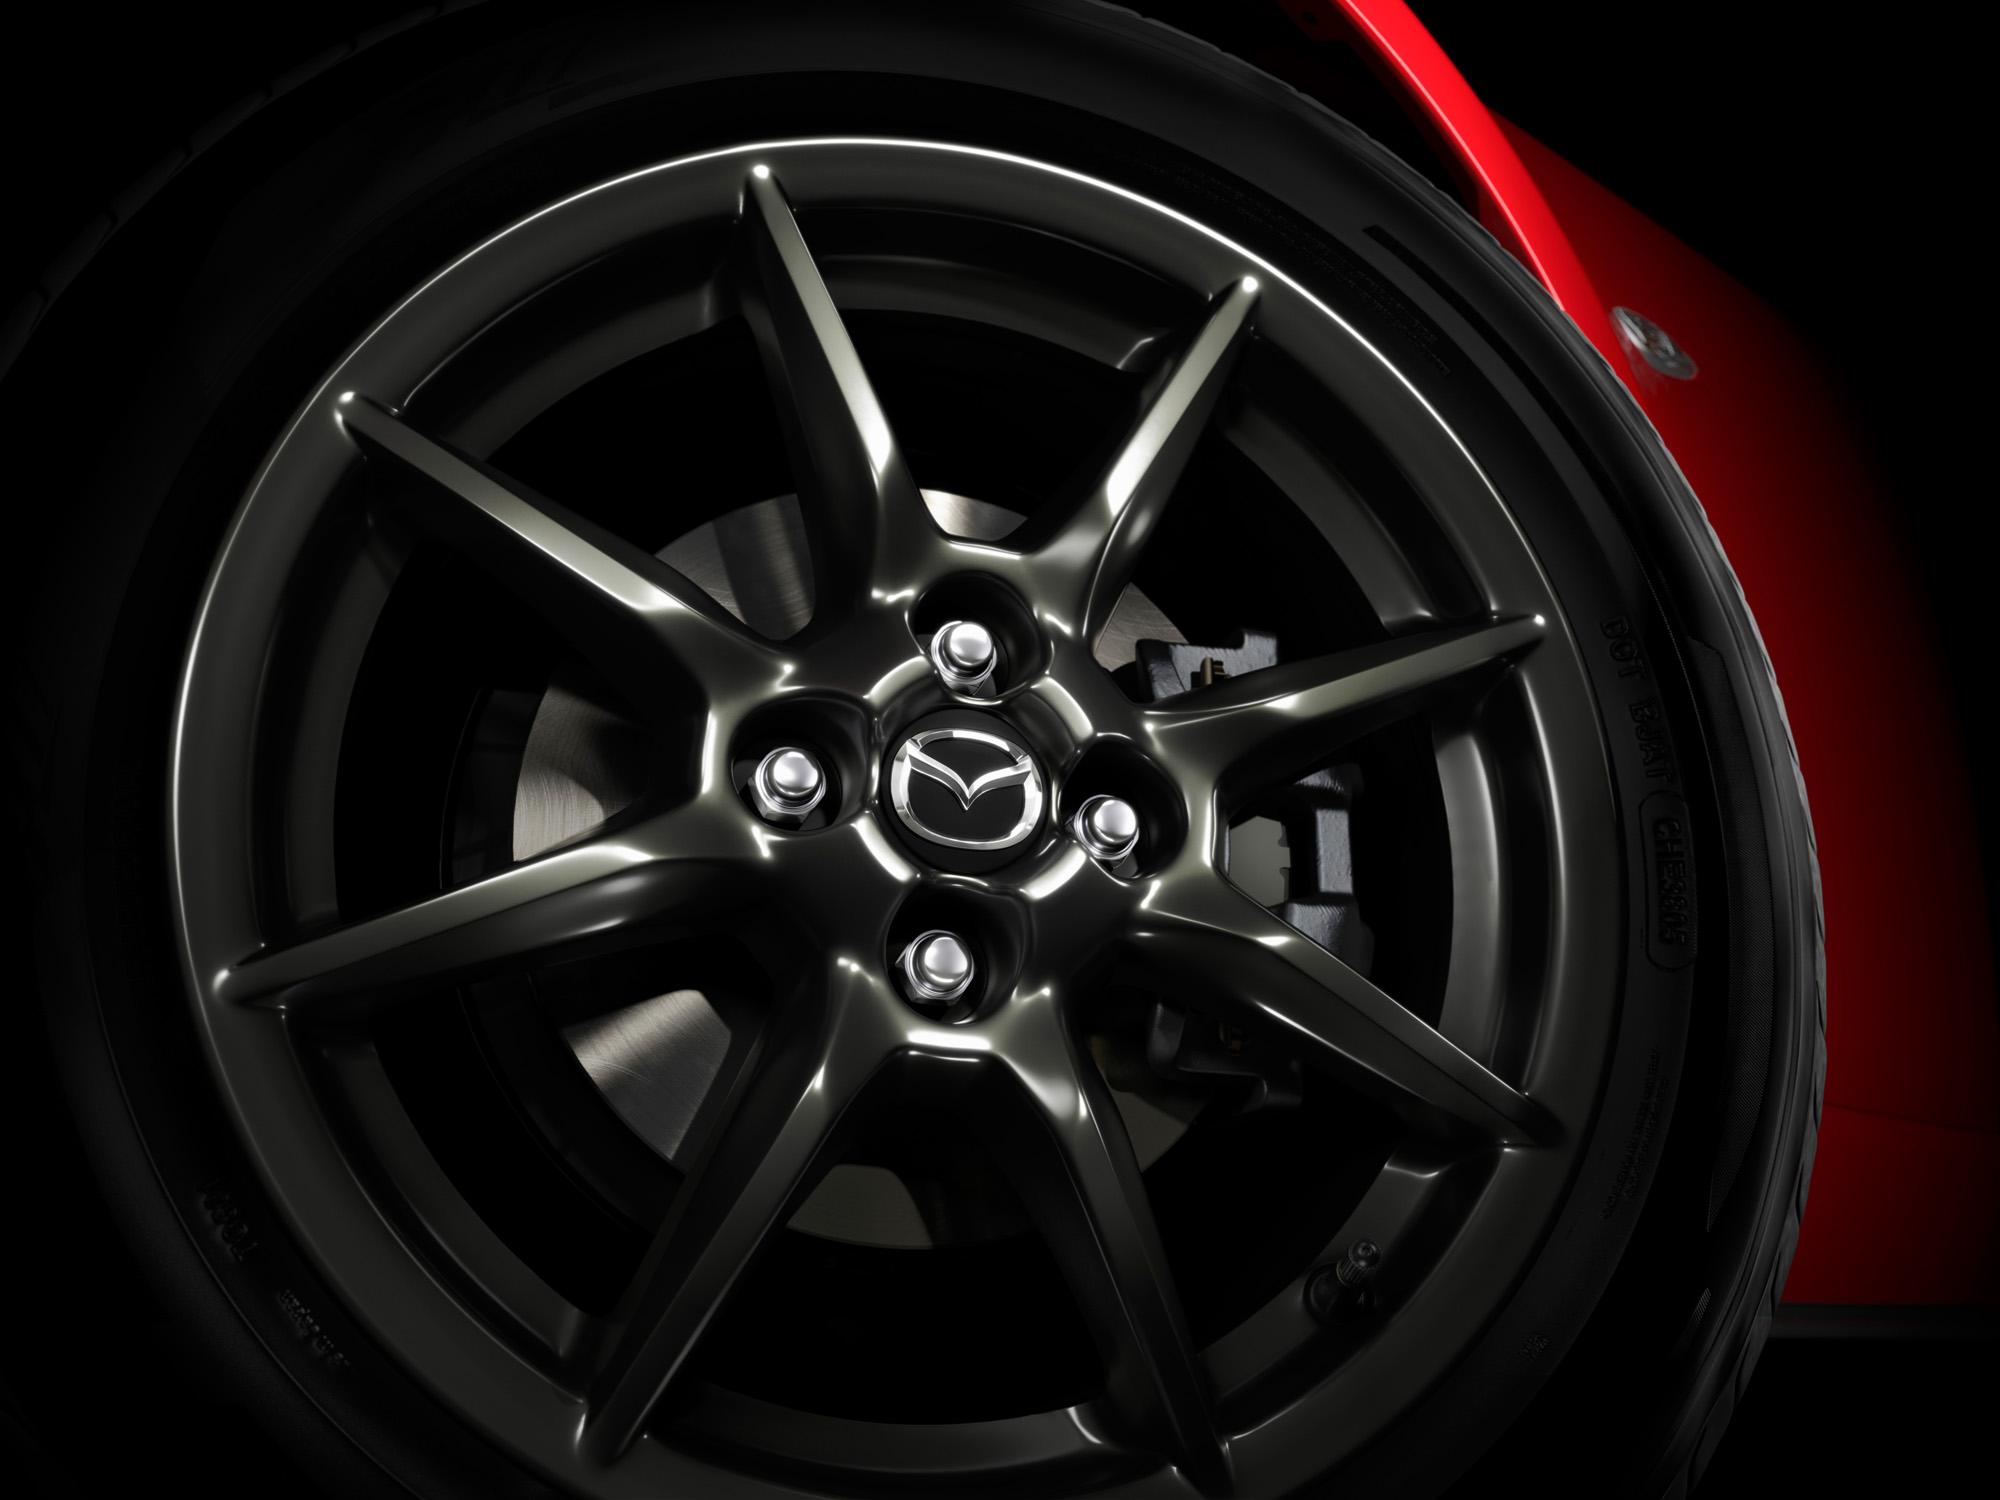 Formschönes Räderwerk: Der neue Mazda MX-5 bekommt 16-Zoll-Felgen